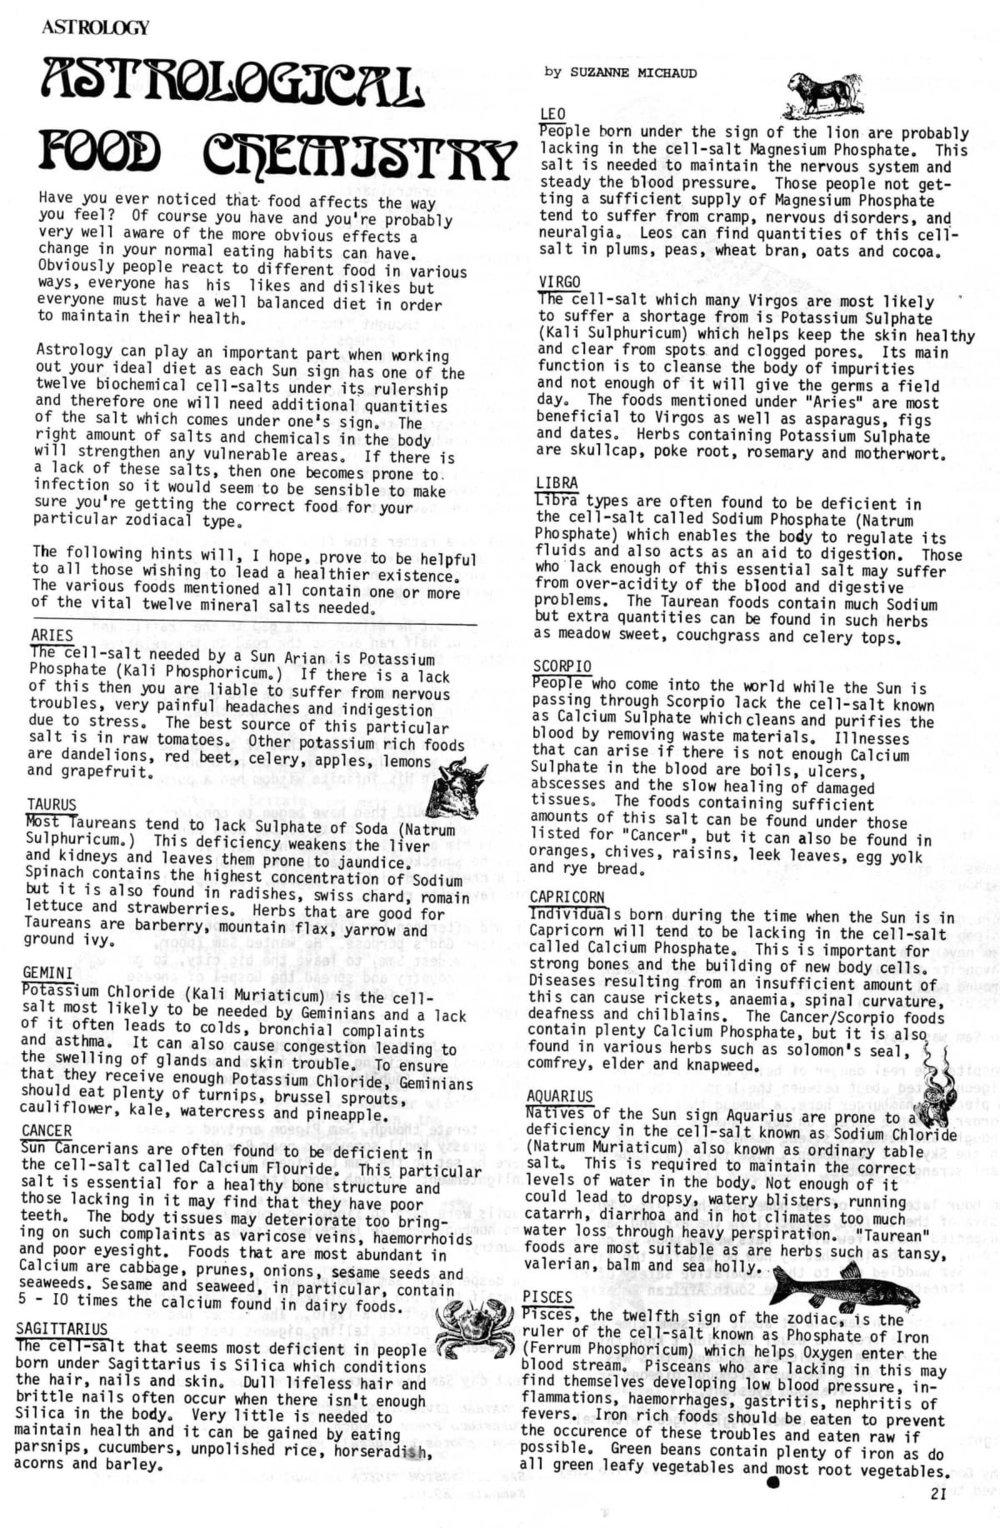 seed-v3-n2-feb1974-21.jpg